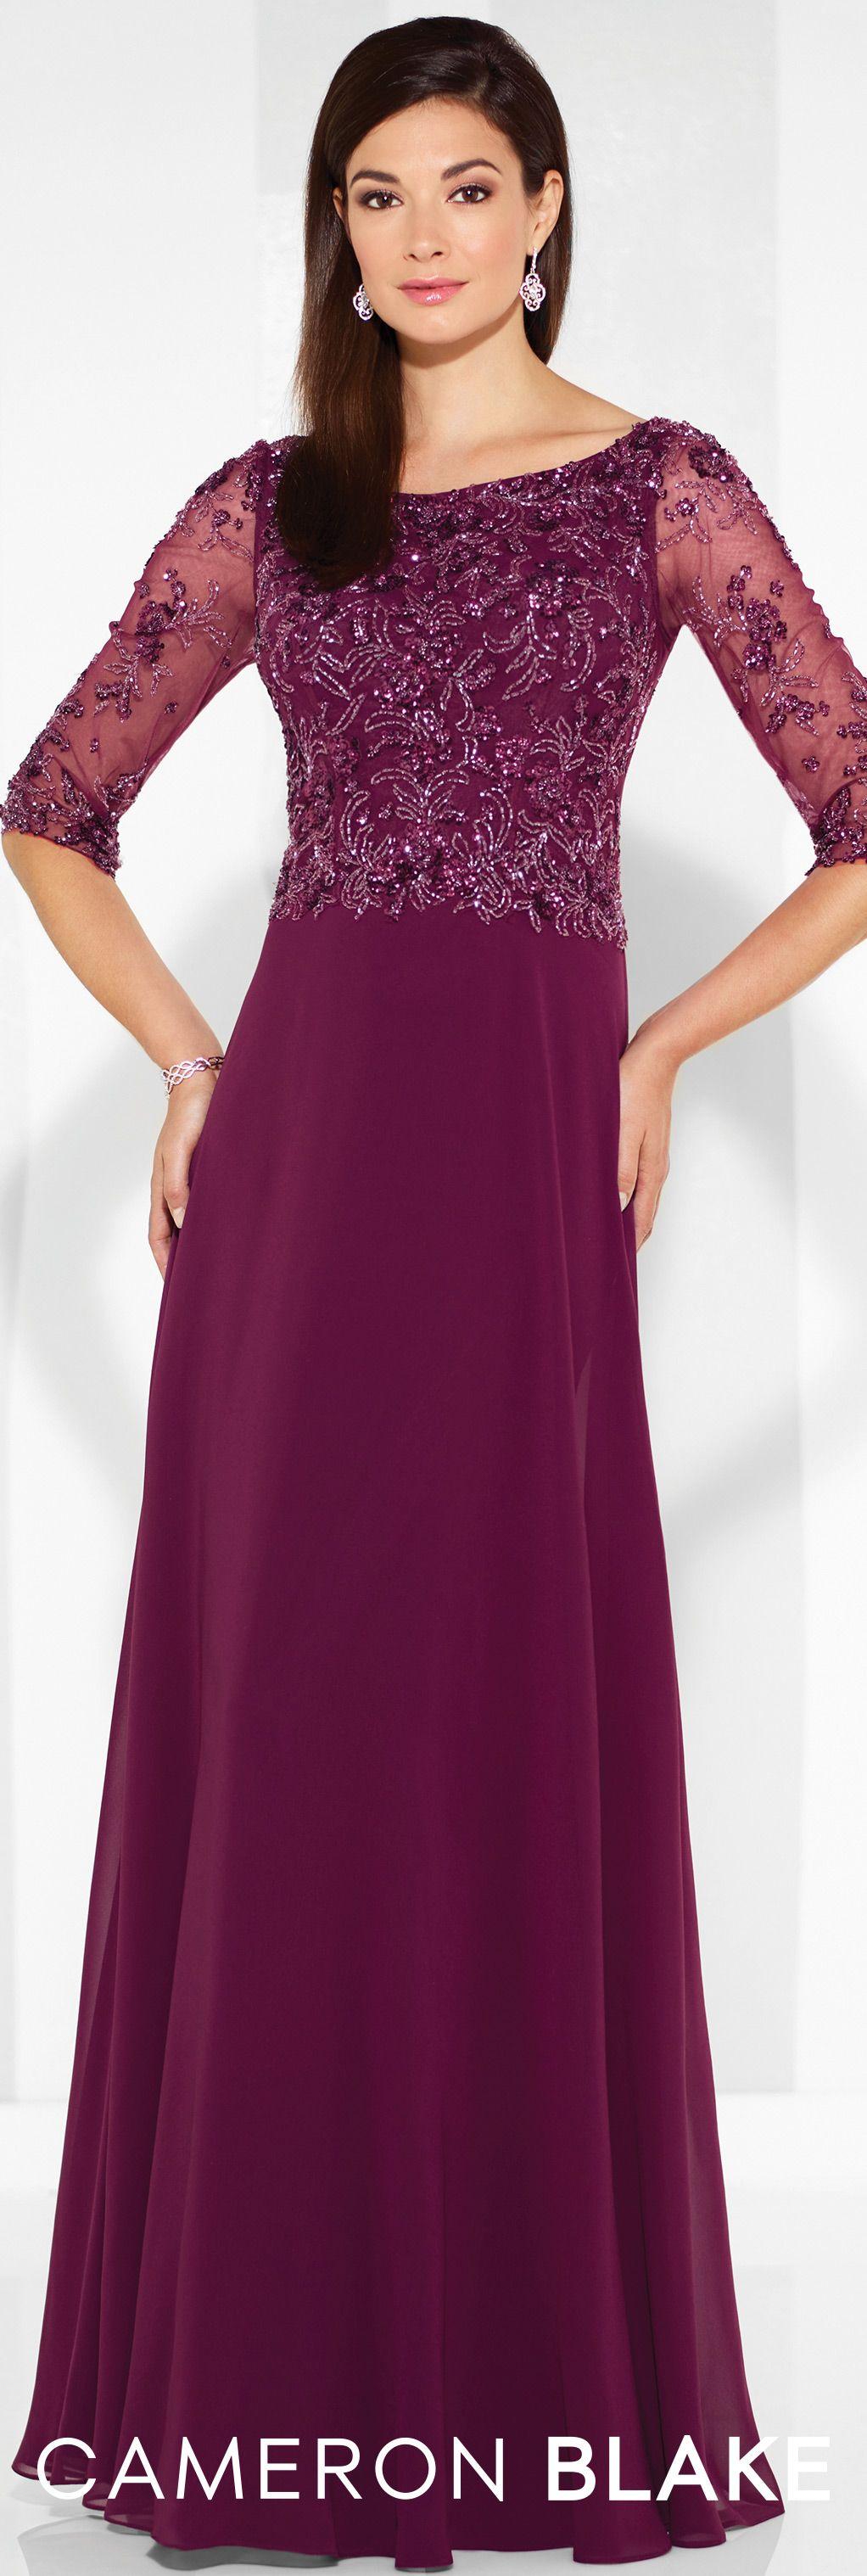 Cameron Blake - Evening Dresses - 117603 | Vestiditos, En línea y Escote